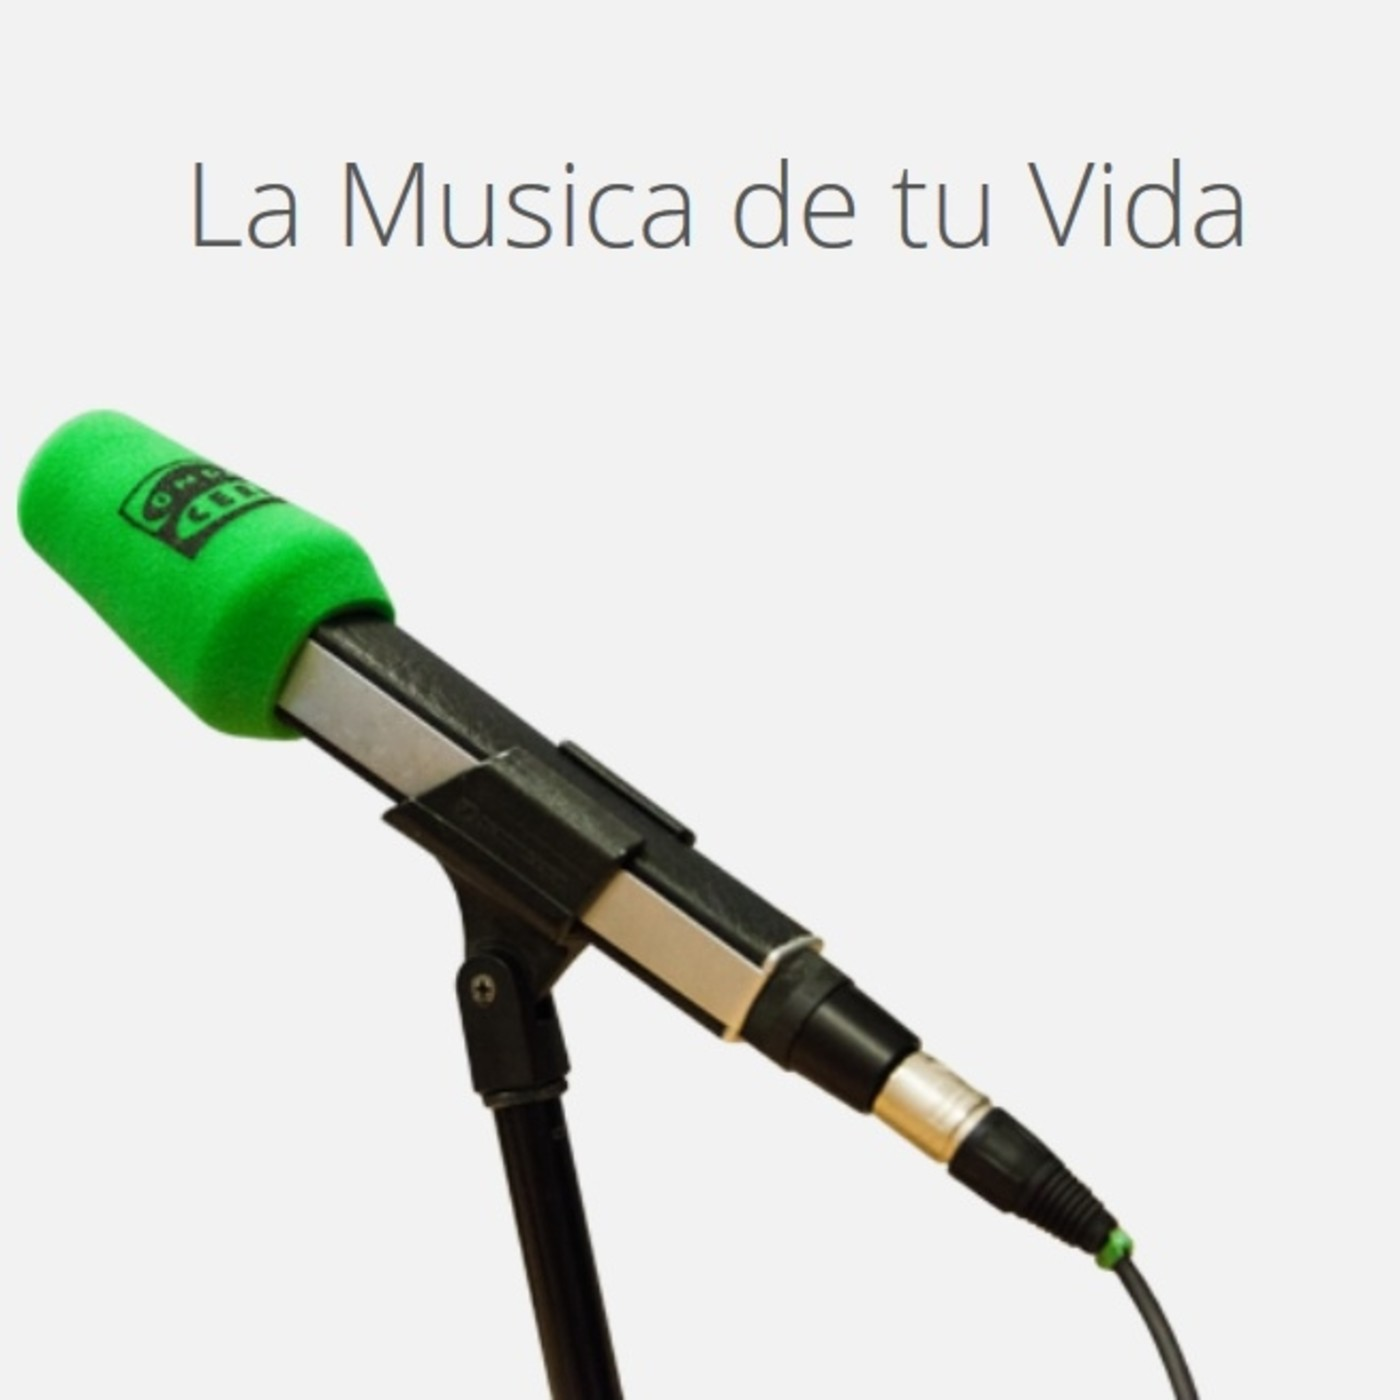 La música de tu vida